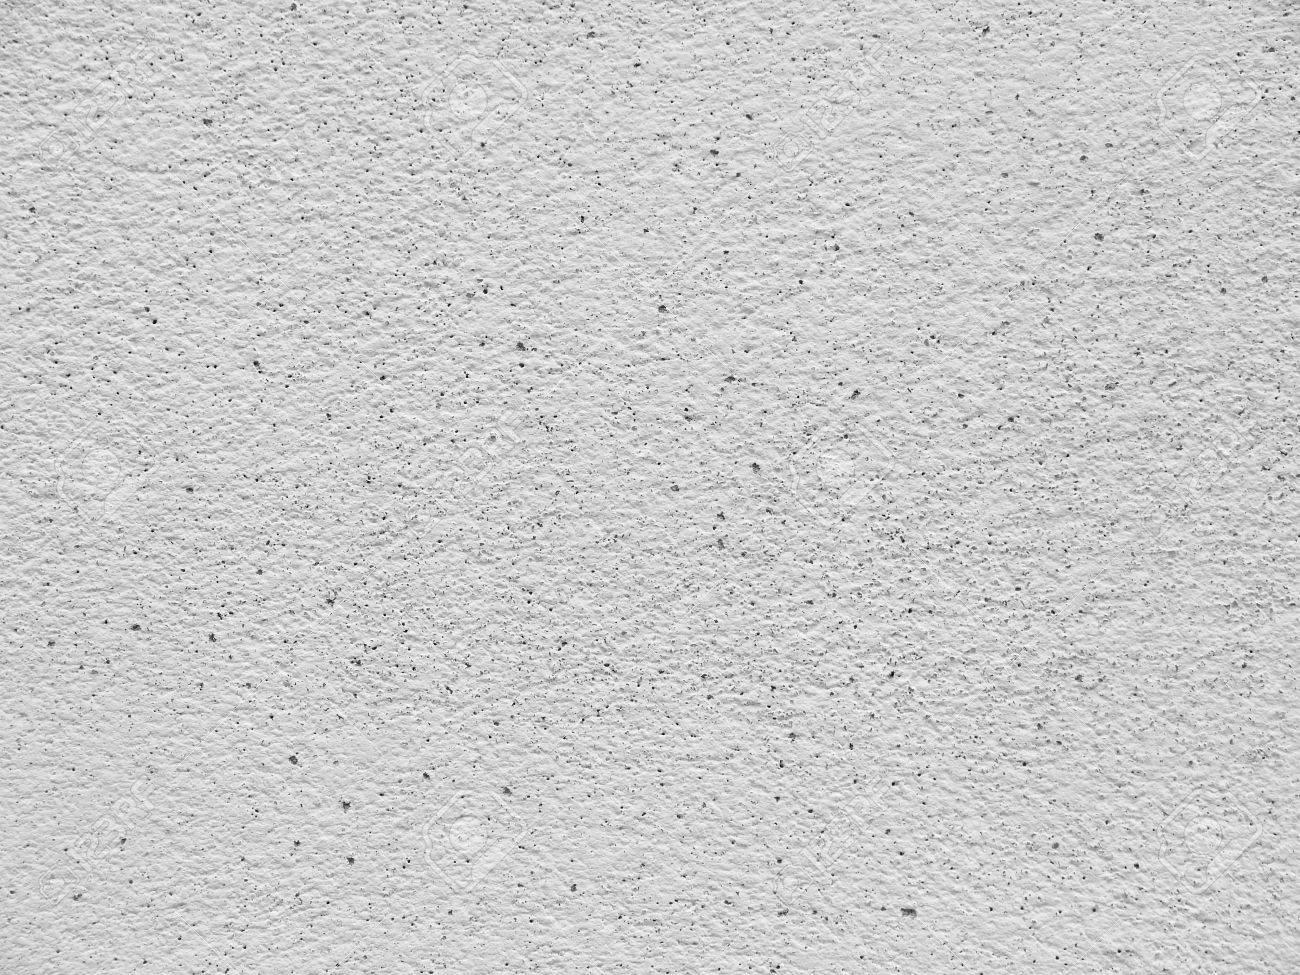 weiß zement-putz wand textur lizenzfreie fotos, bilder und stock